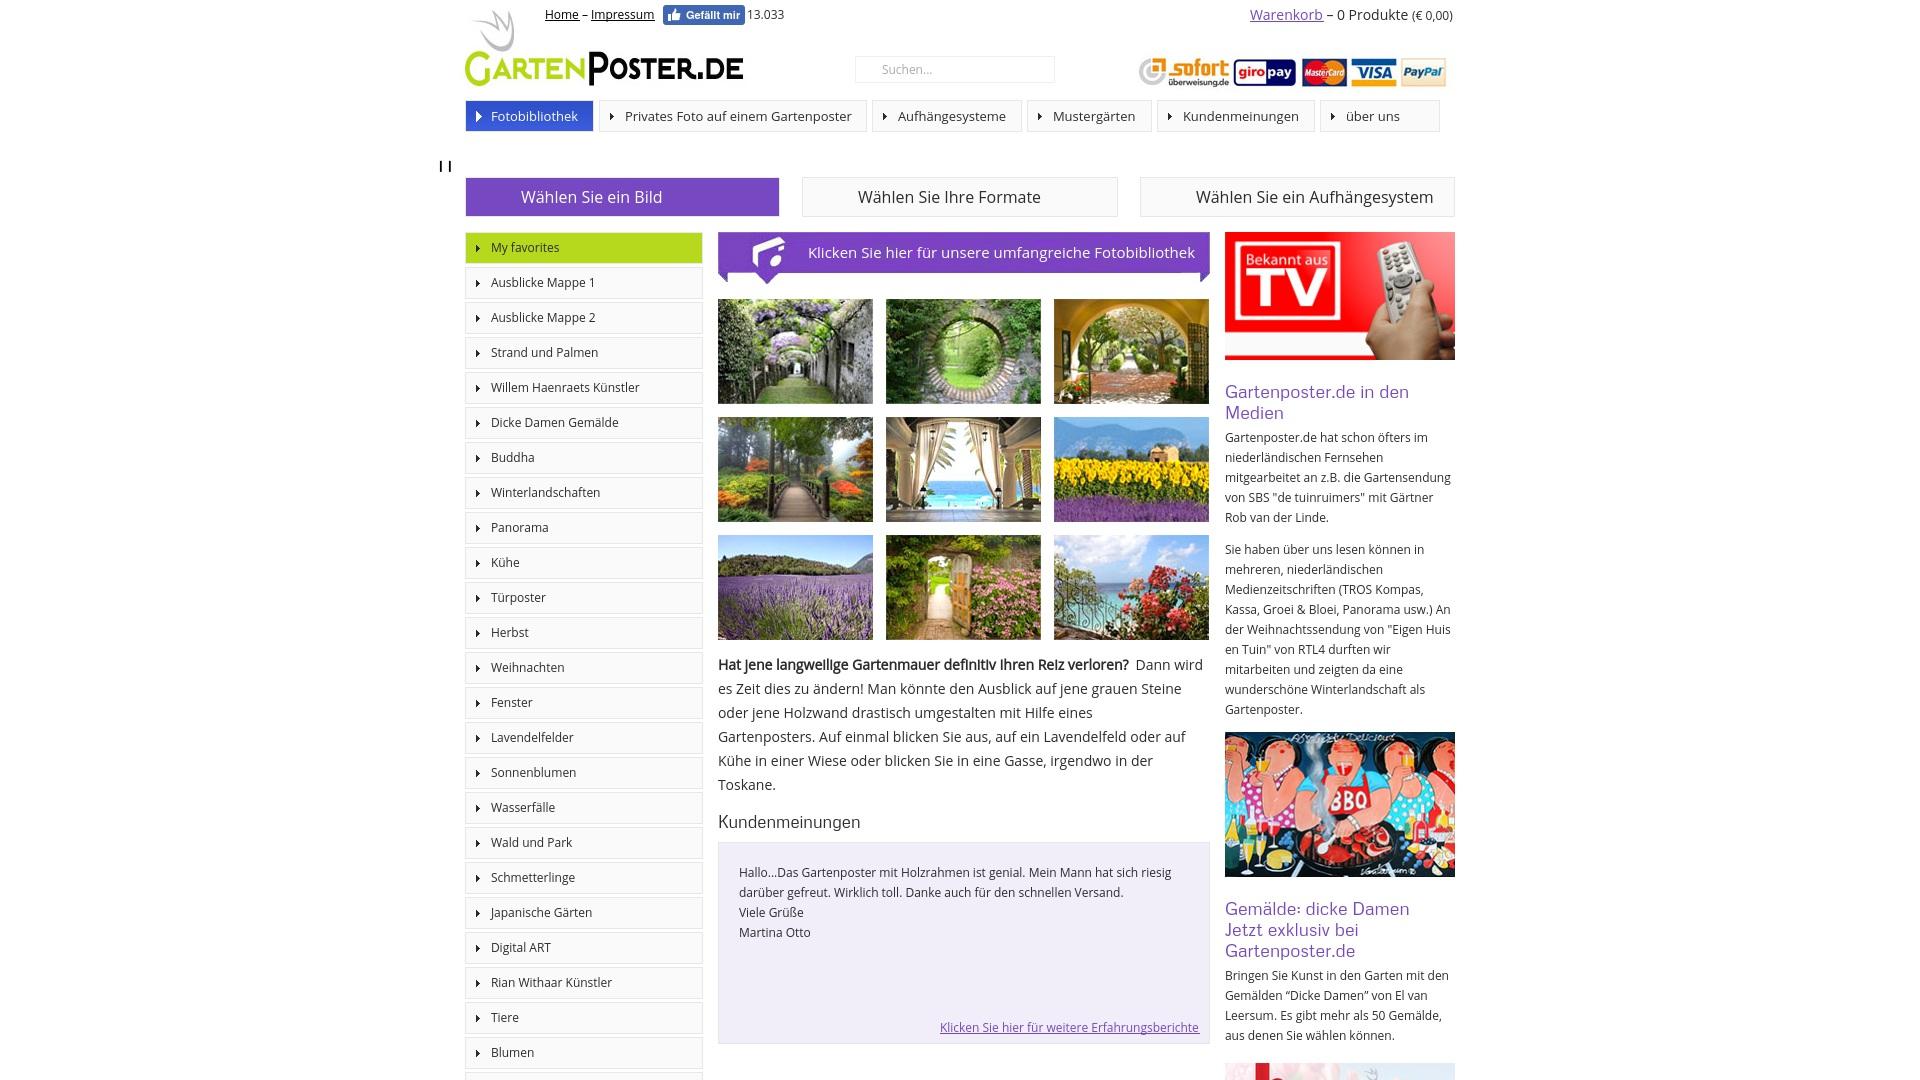 Gutschein für Gartenposter: Rabatte für  Gartenposter sichern